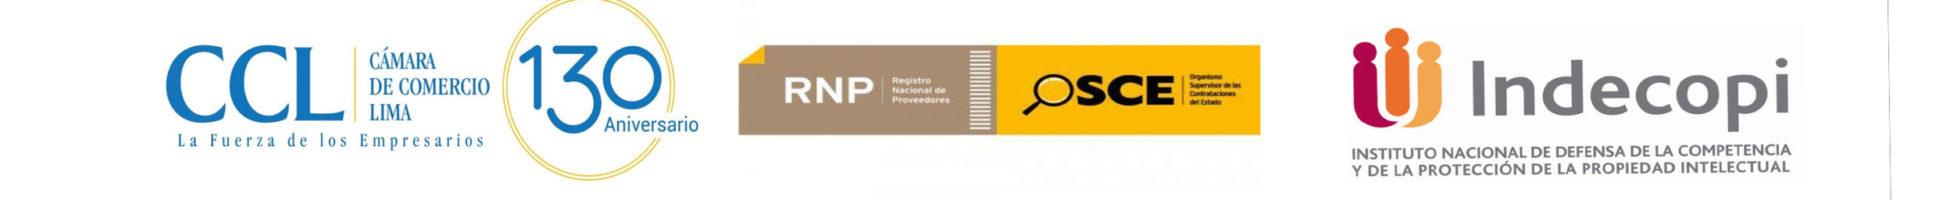 Certificados necesarios para cajas fuertes fabricadas en el Perú.